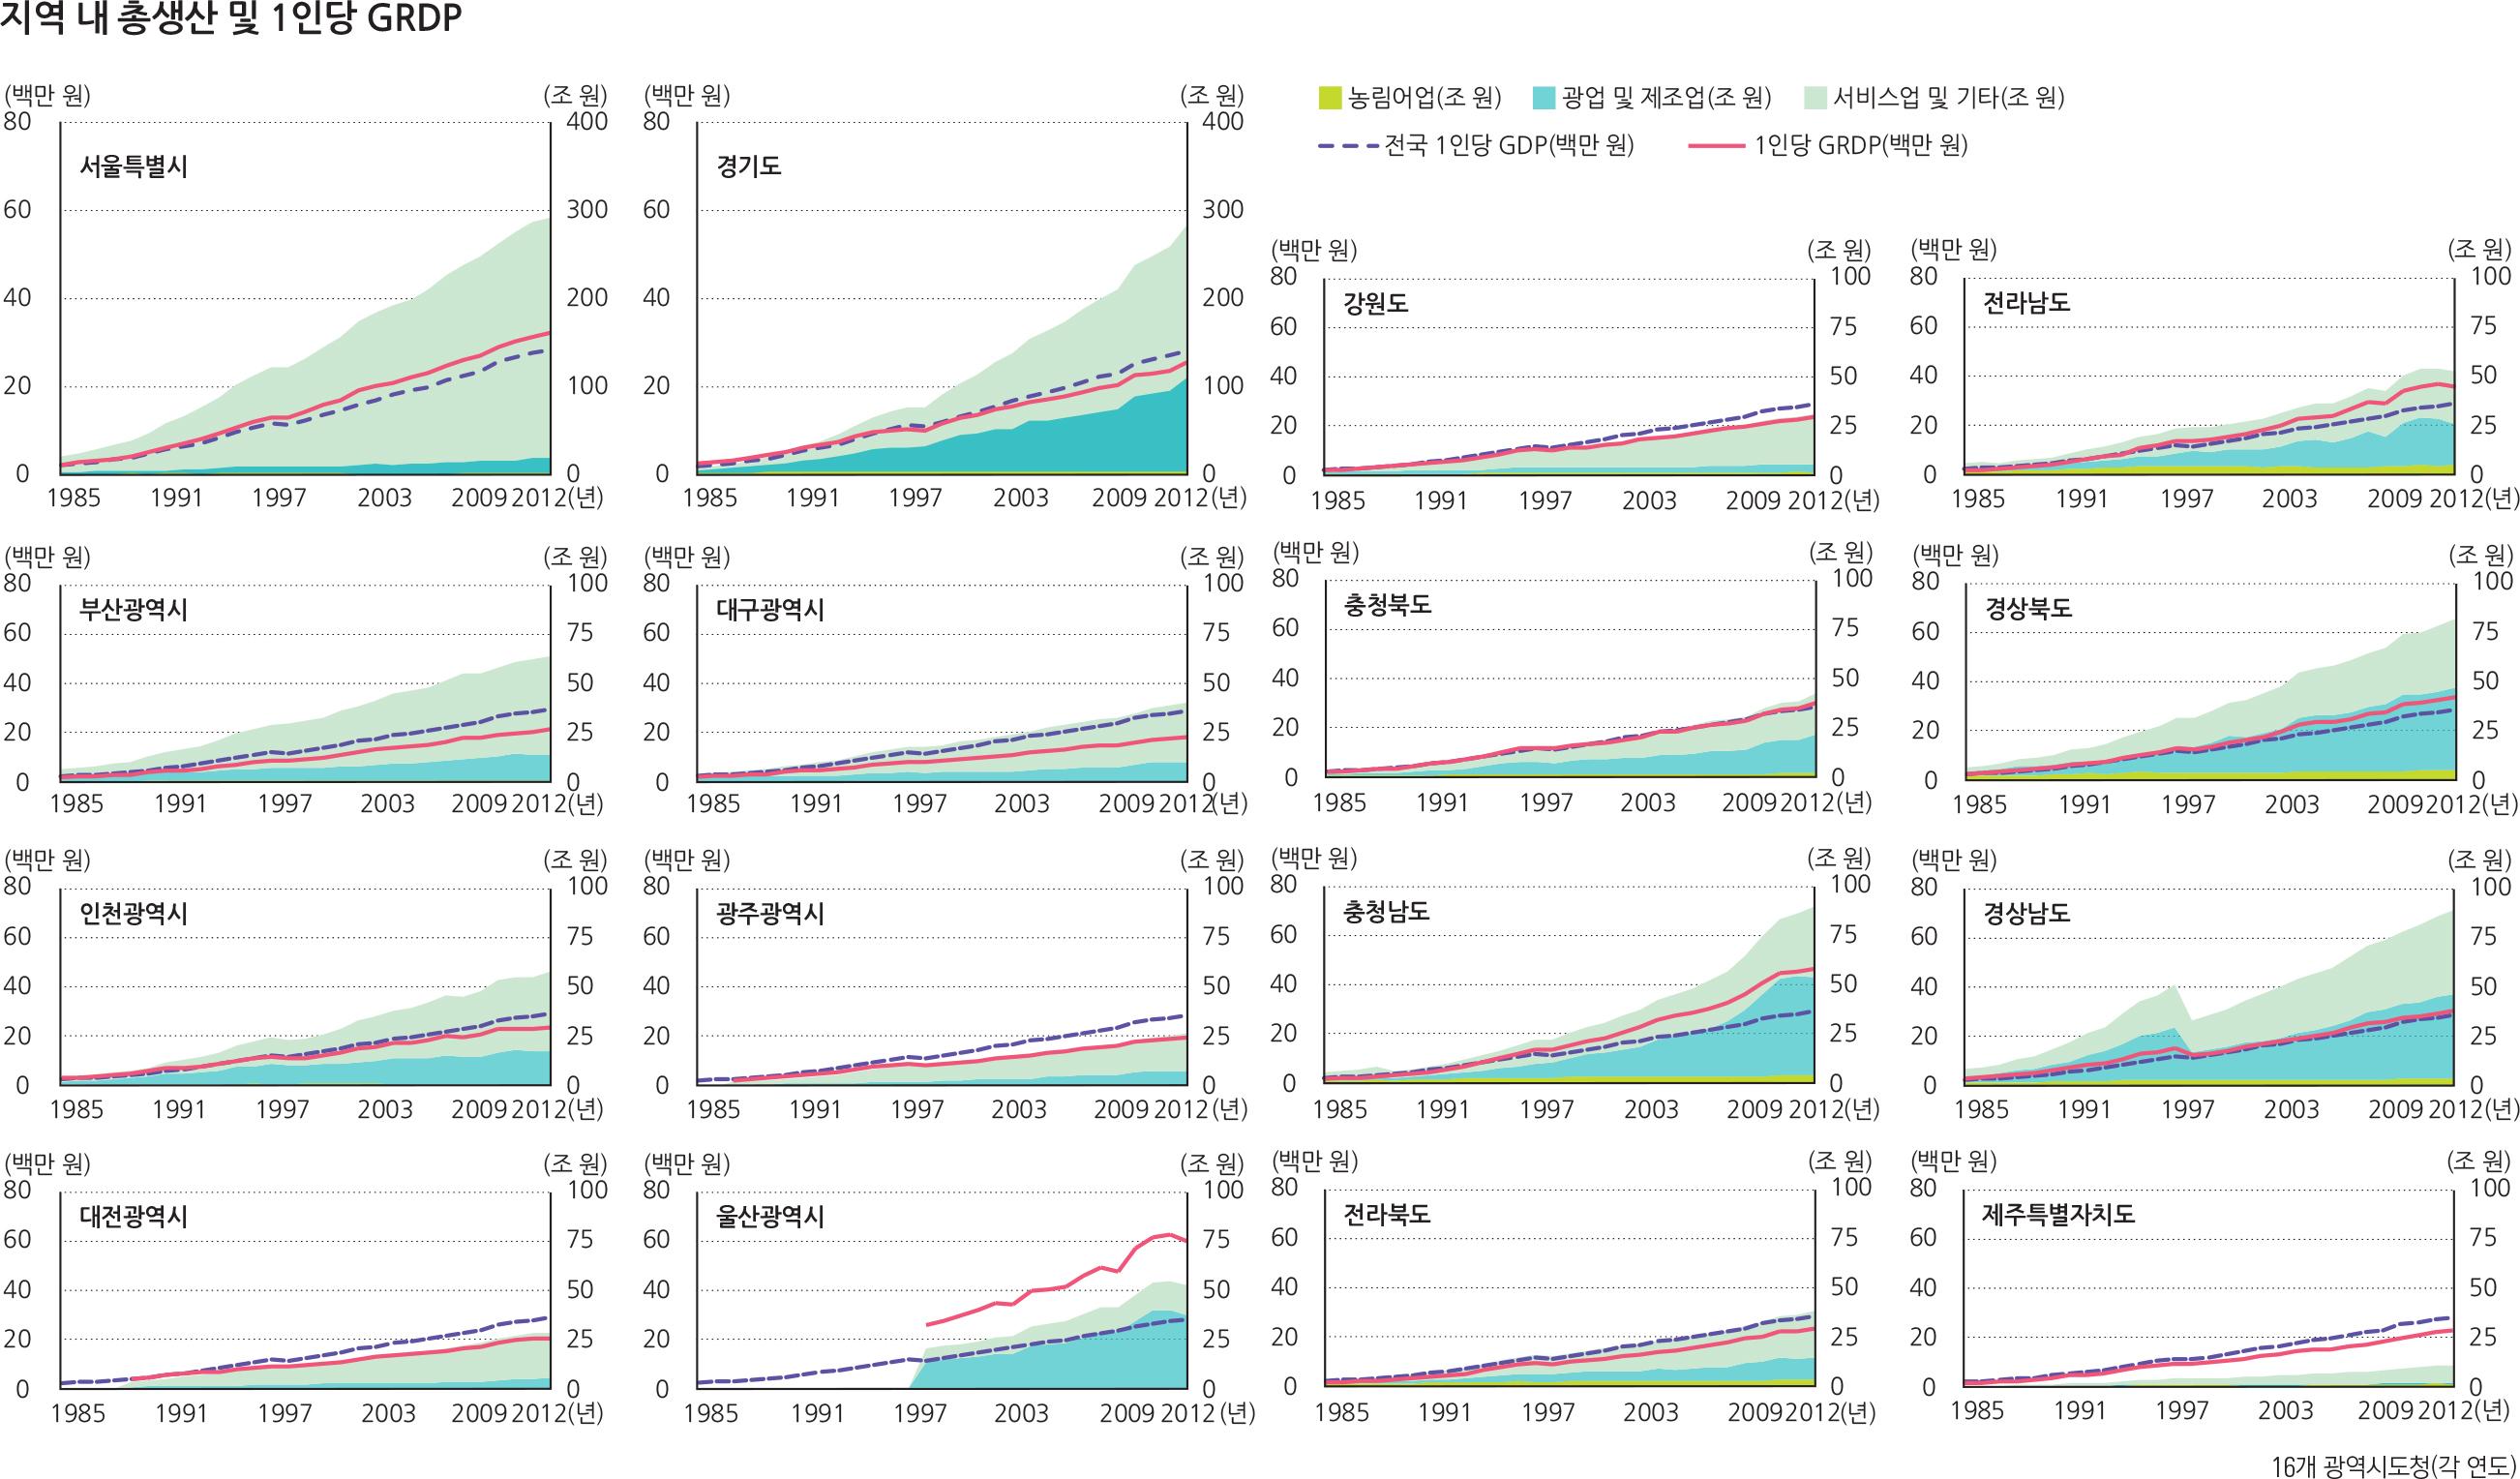 지역 내 성장률(2007 - 2012년)